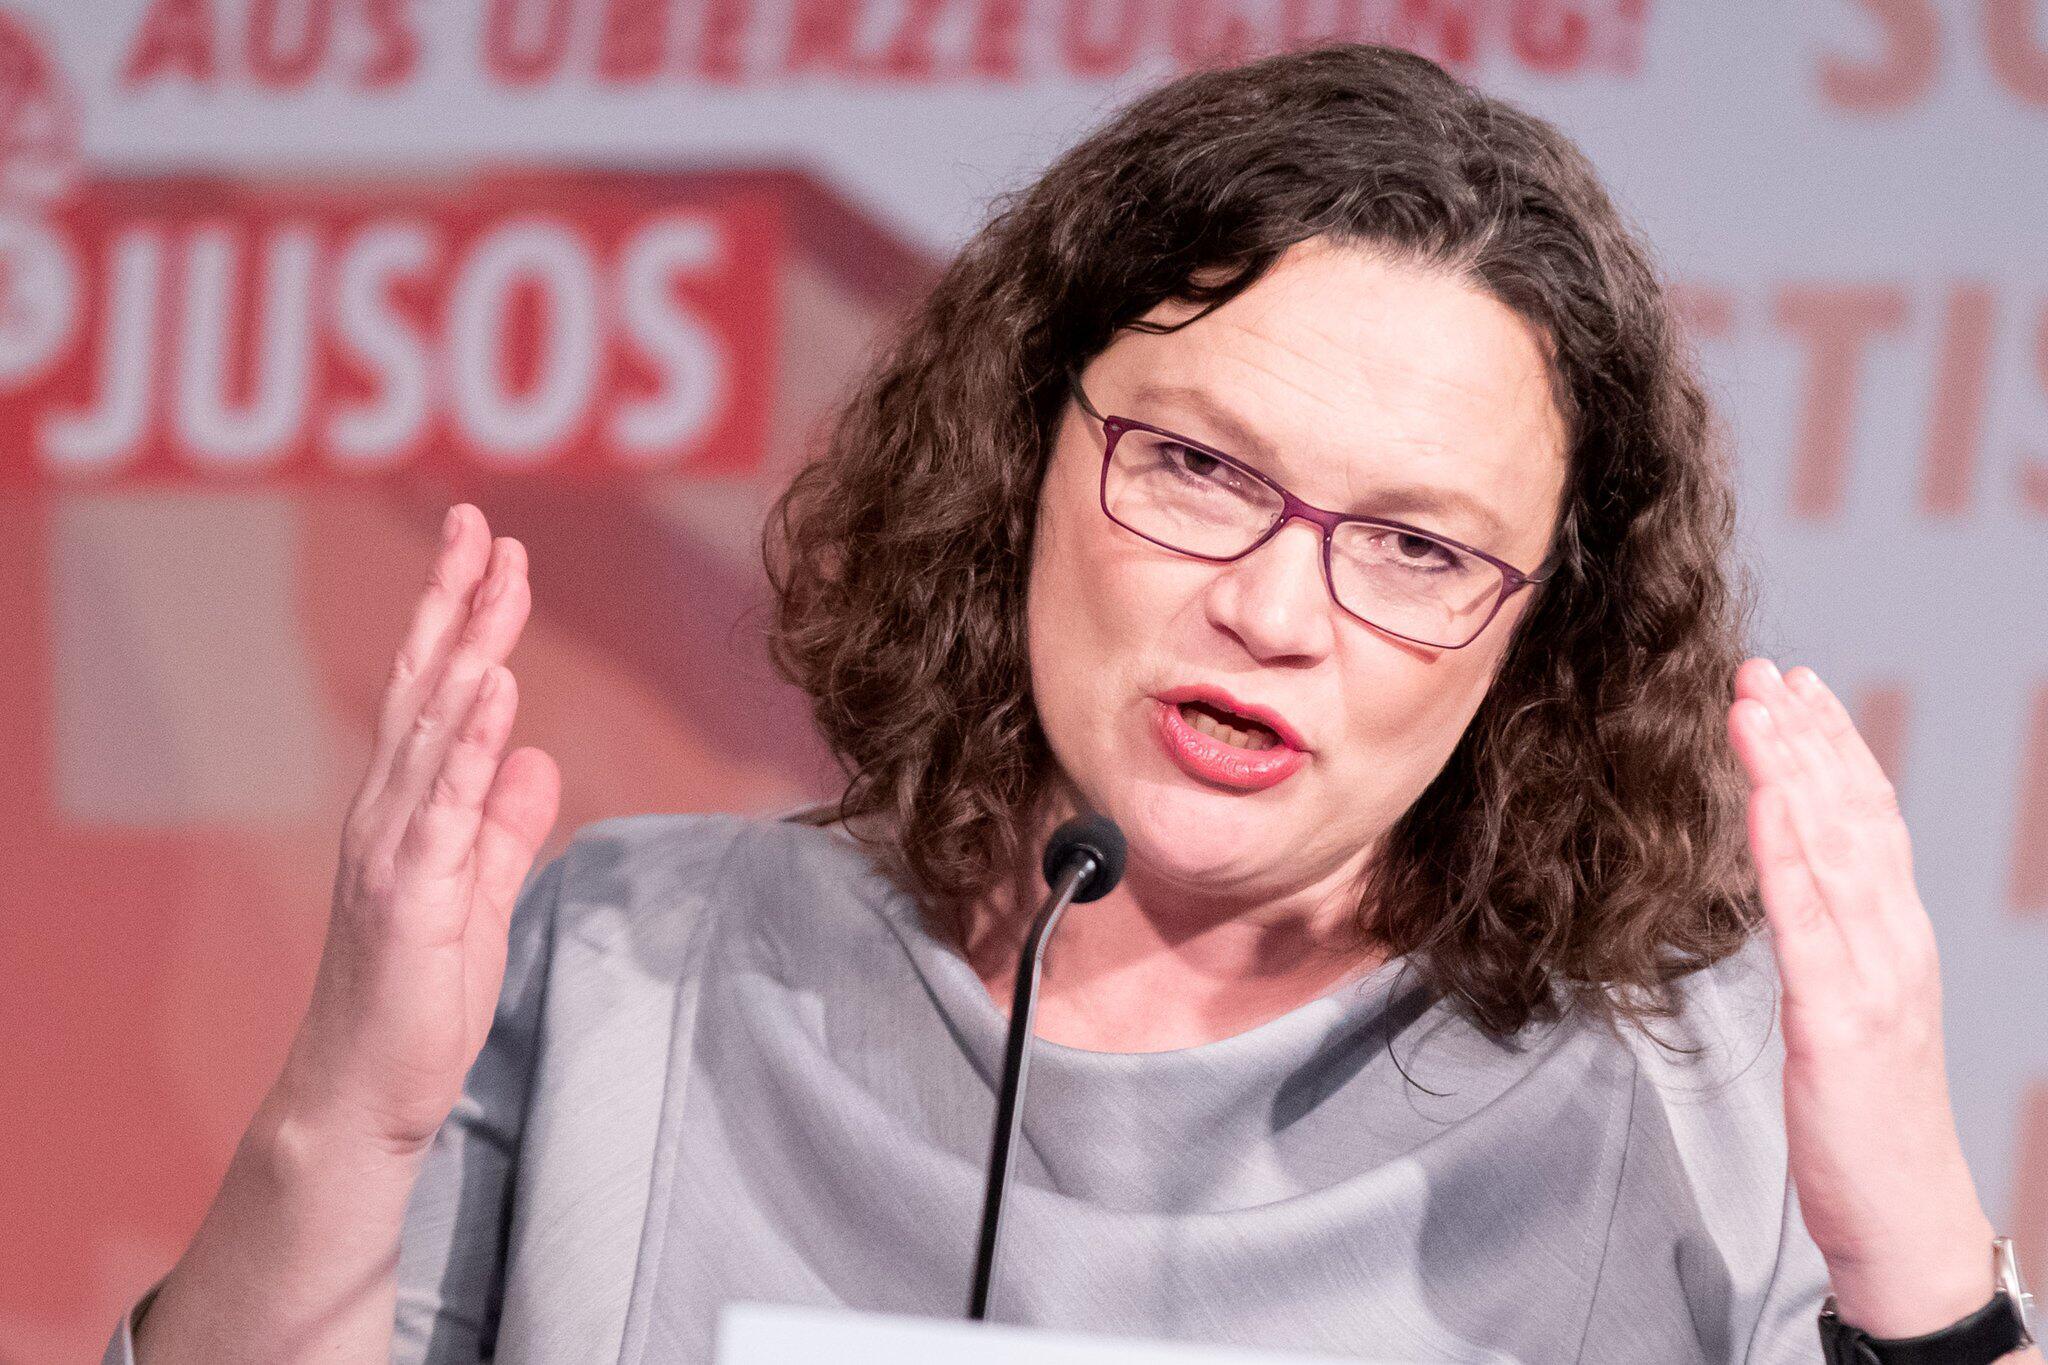 Bild zu Bundeskongresses der Jusos in Düsseldorf Andrea Nahles